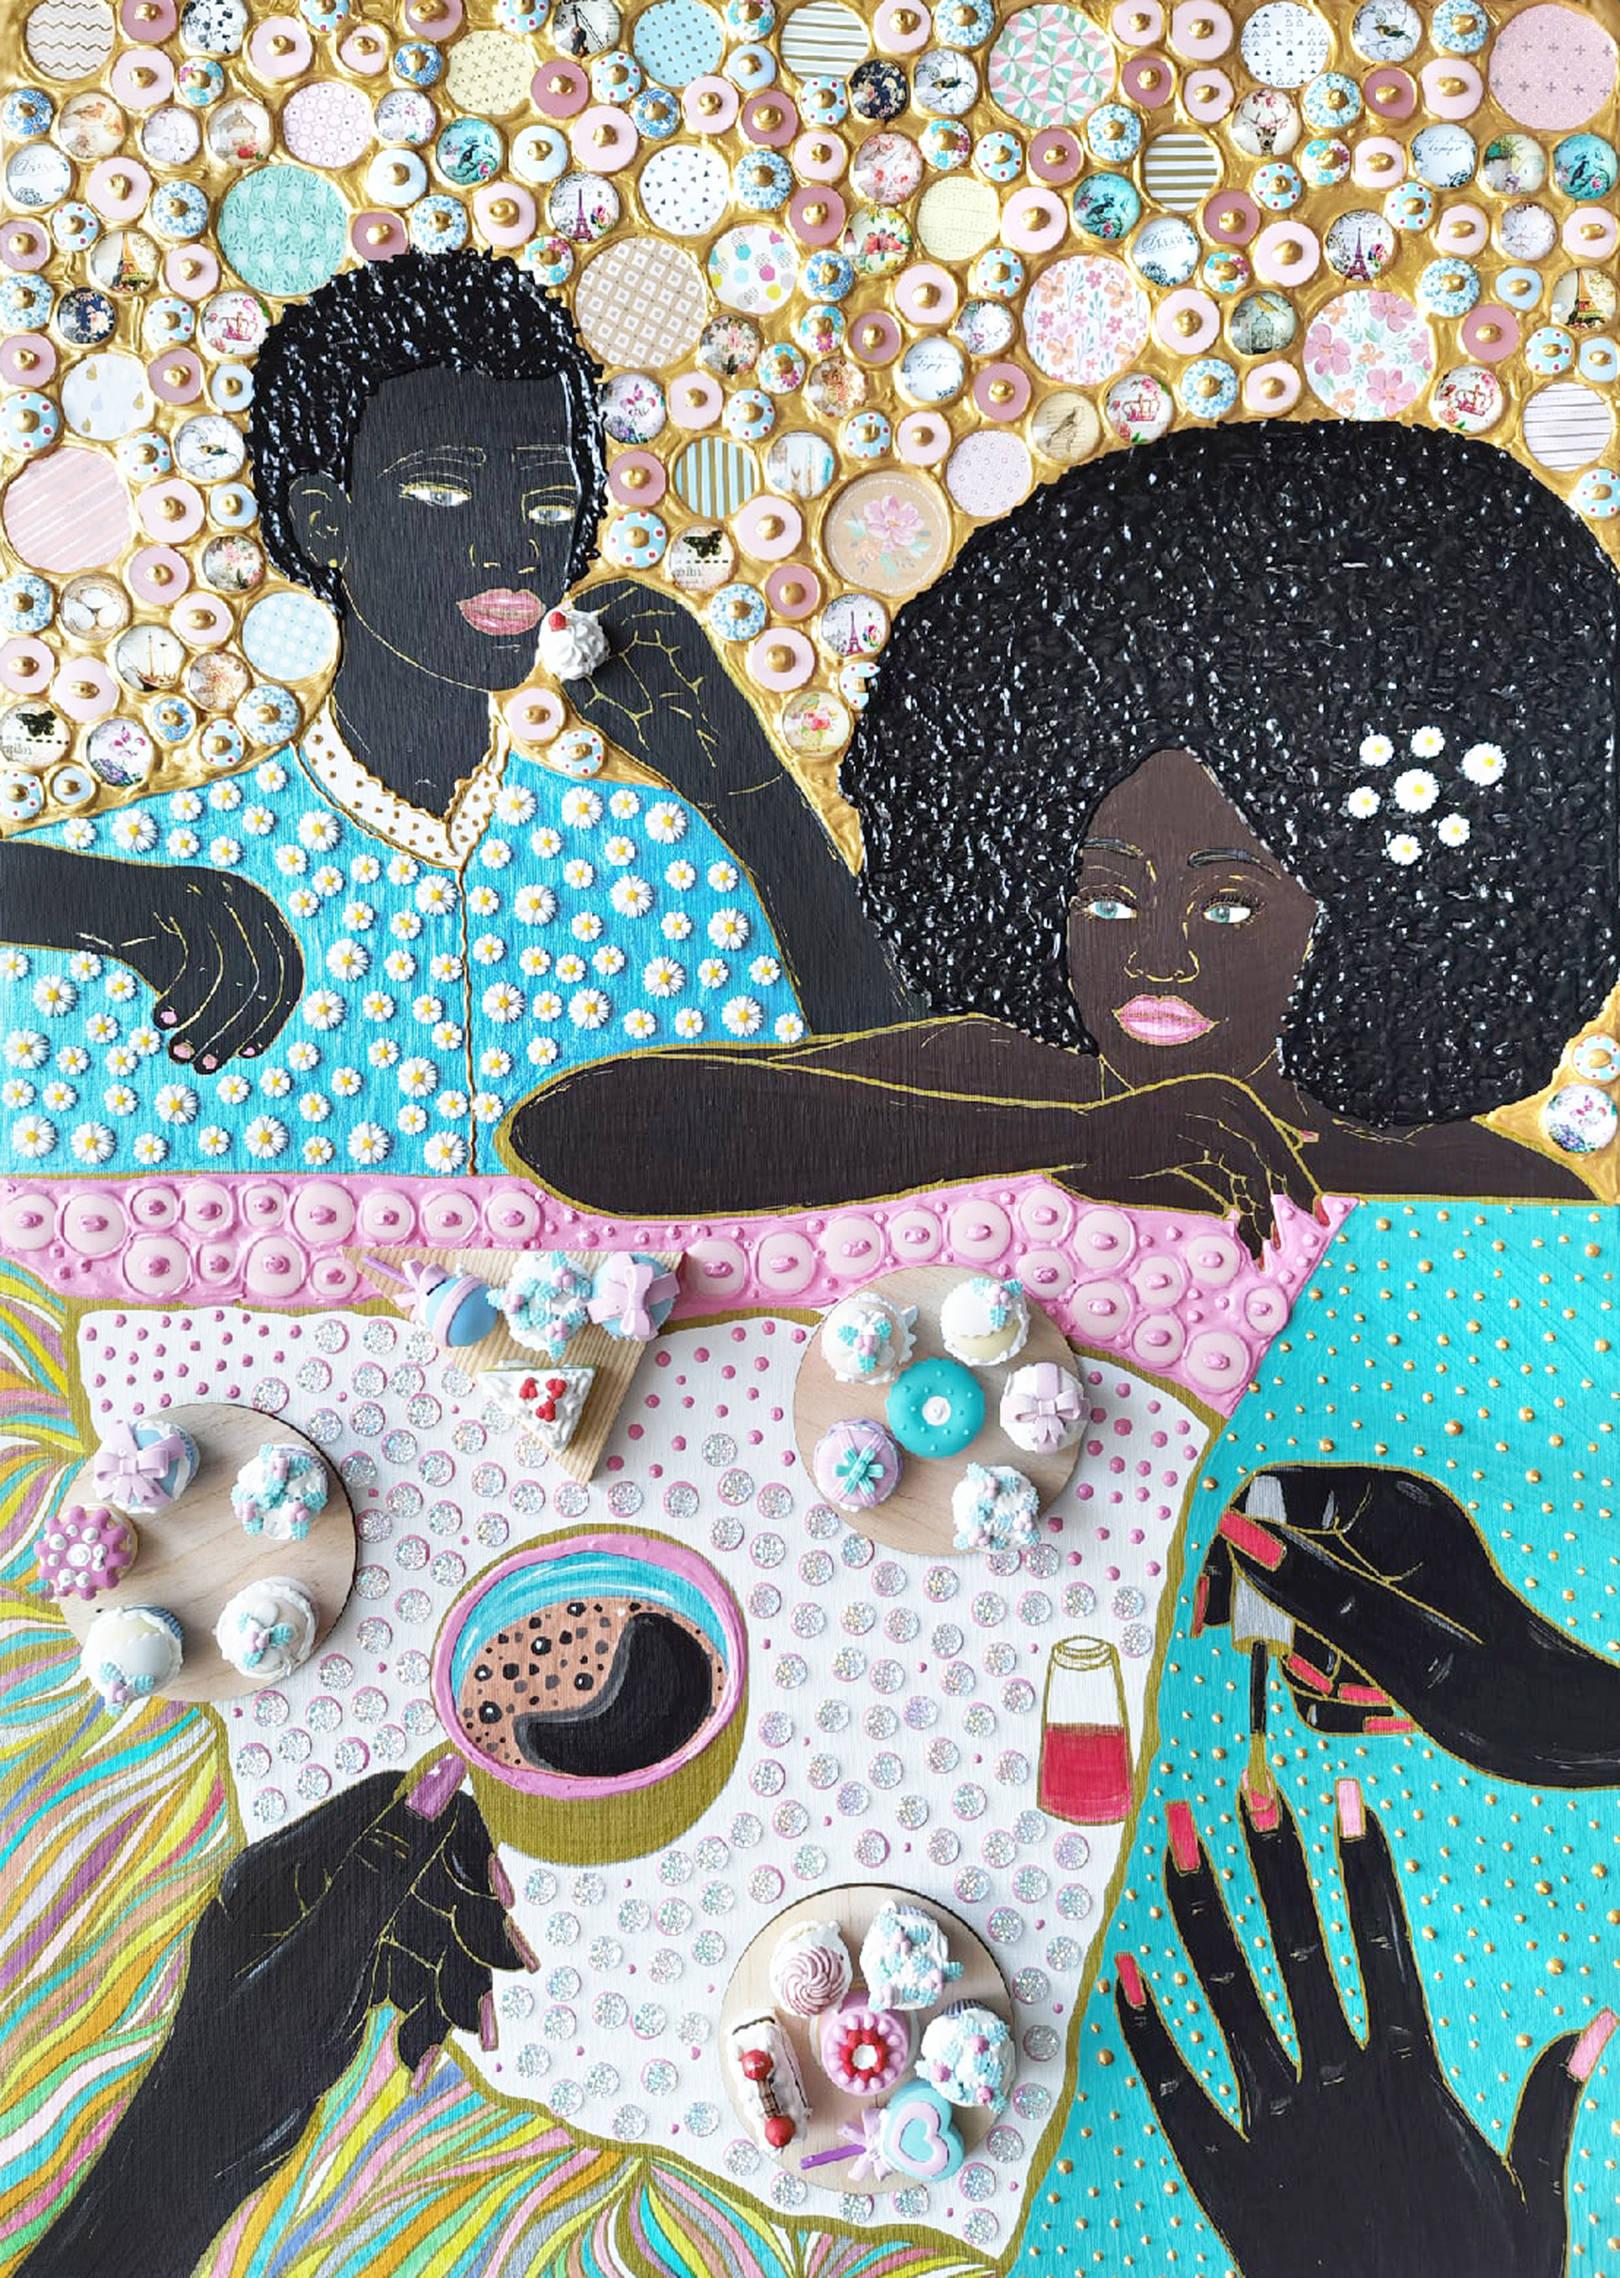 Акрил, холст, стеклянная и деревянная мозаика, декоративные элементы, бумага, стразы, маркеры